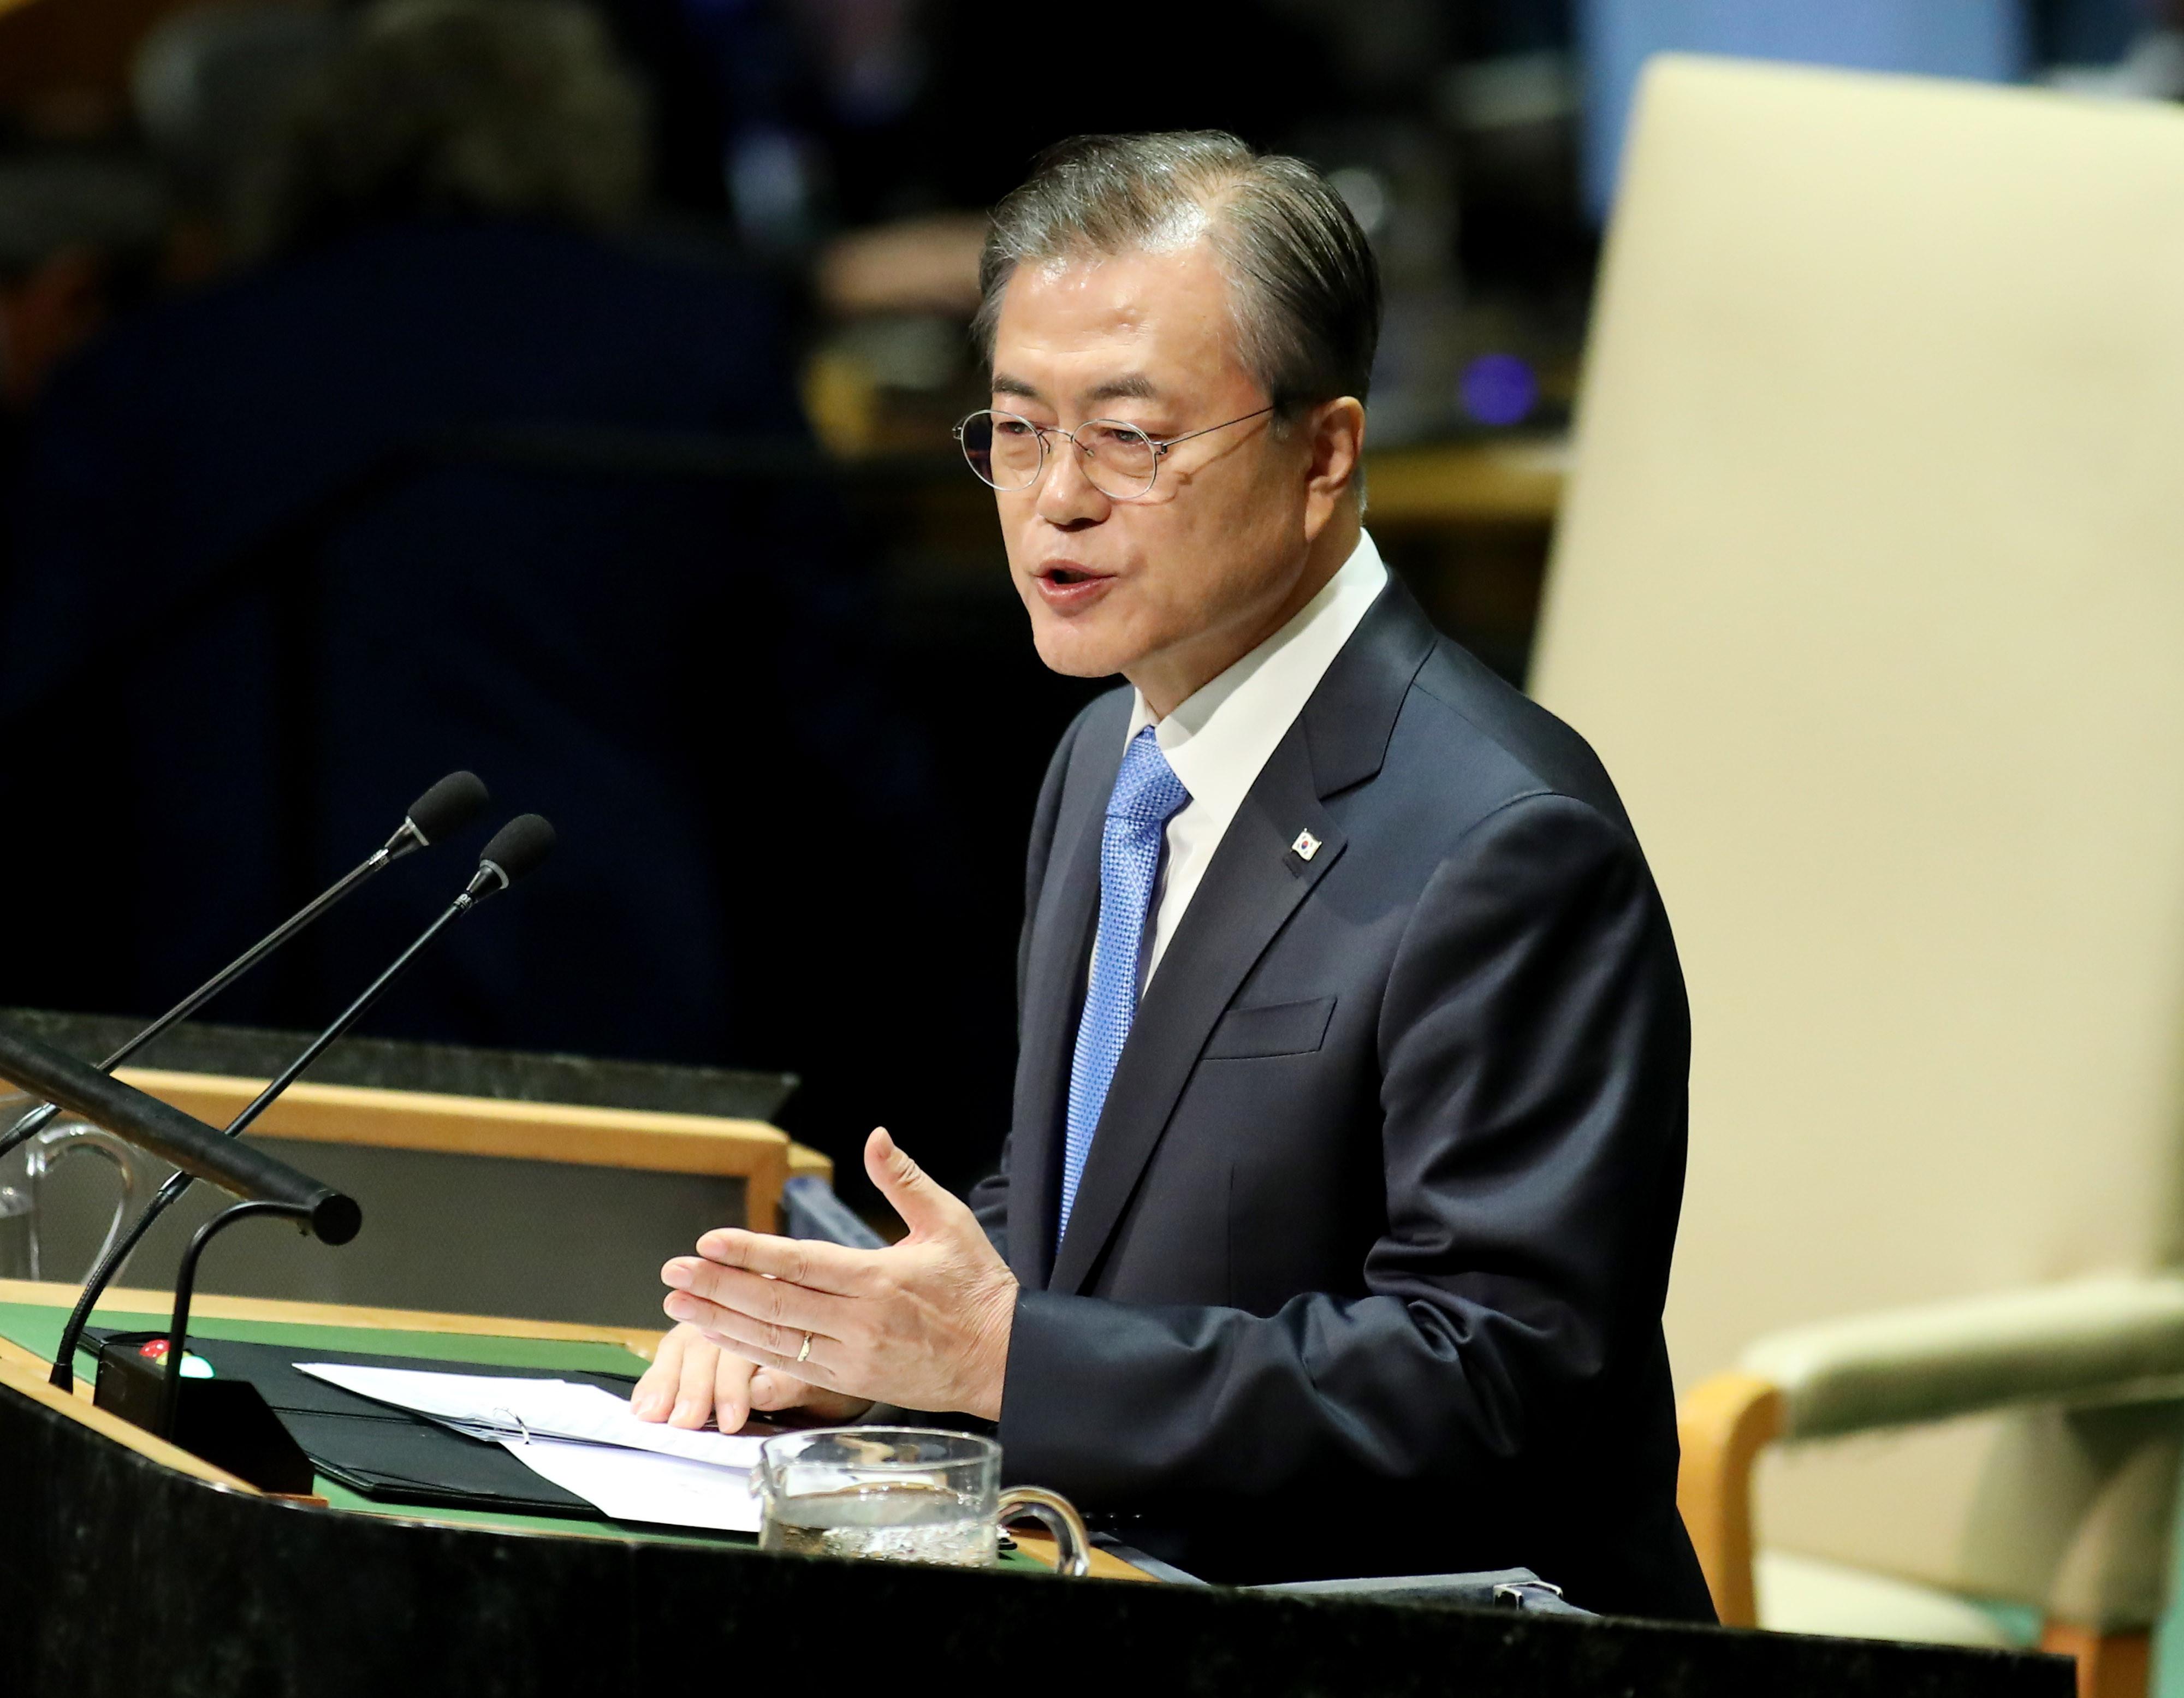 ▲▼文在寅預計19至23日訪美,出席第76屆聯合國大會。圖為文在寅2019年9月在紐約第74屆聯合國大會上發表演說。(圖/達志影像)